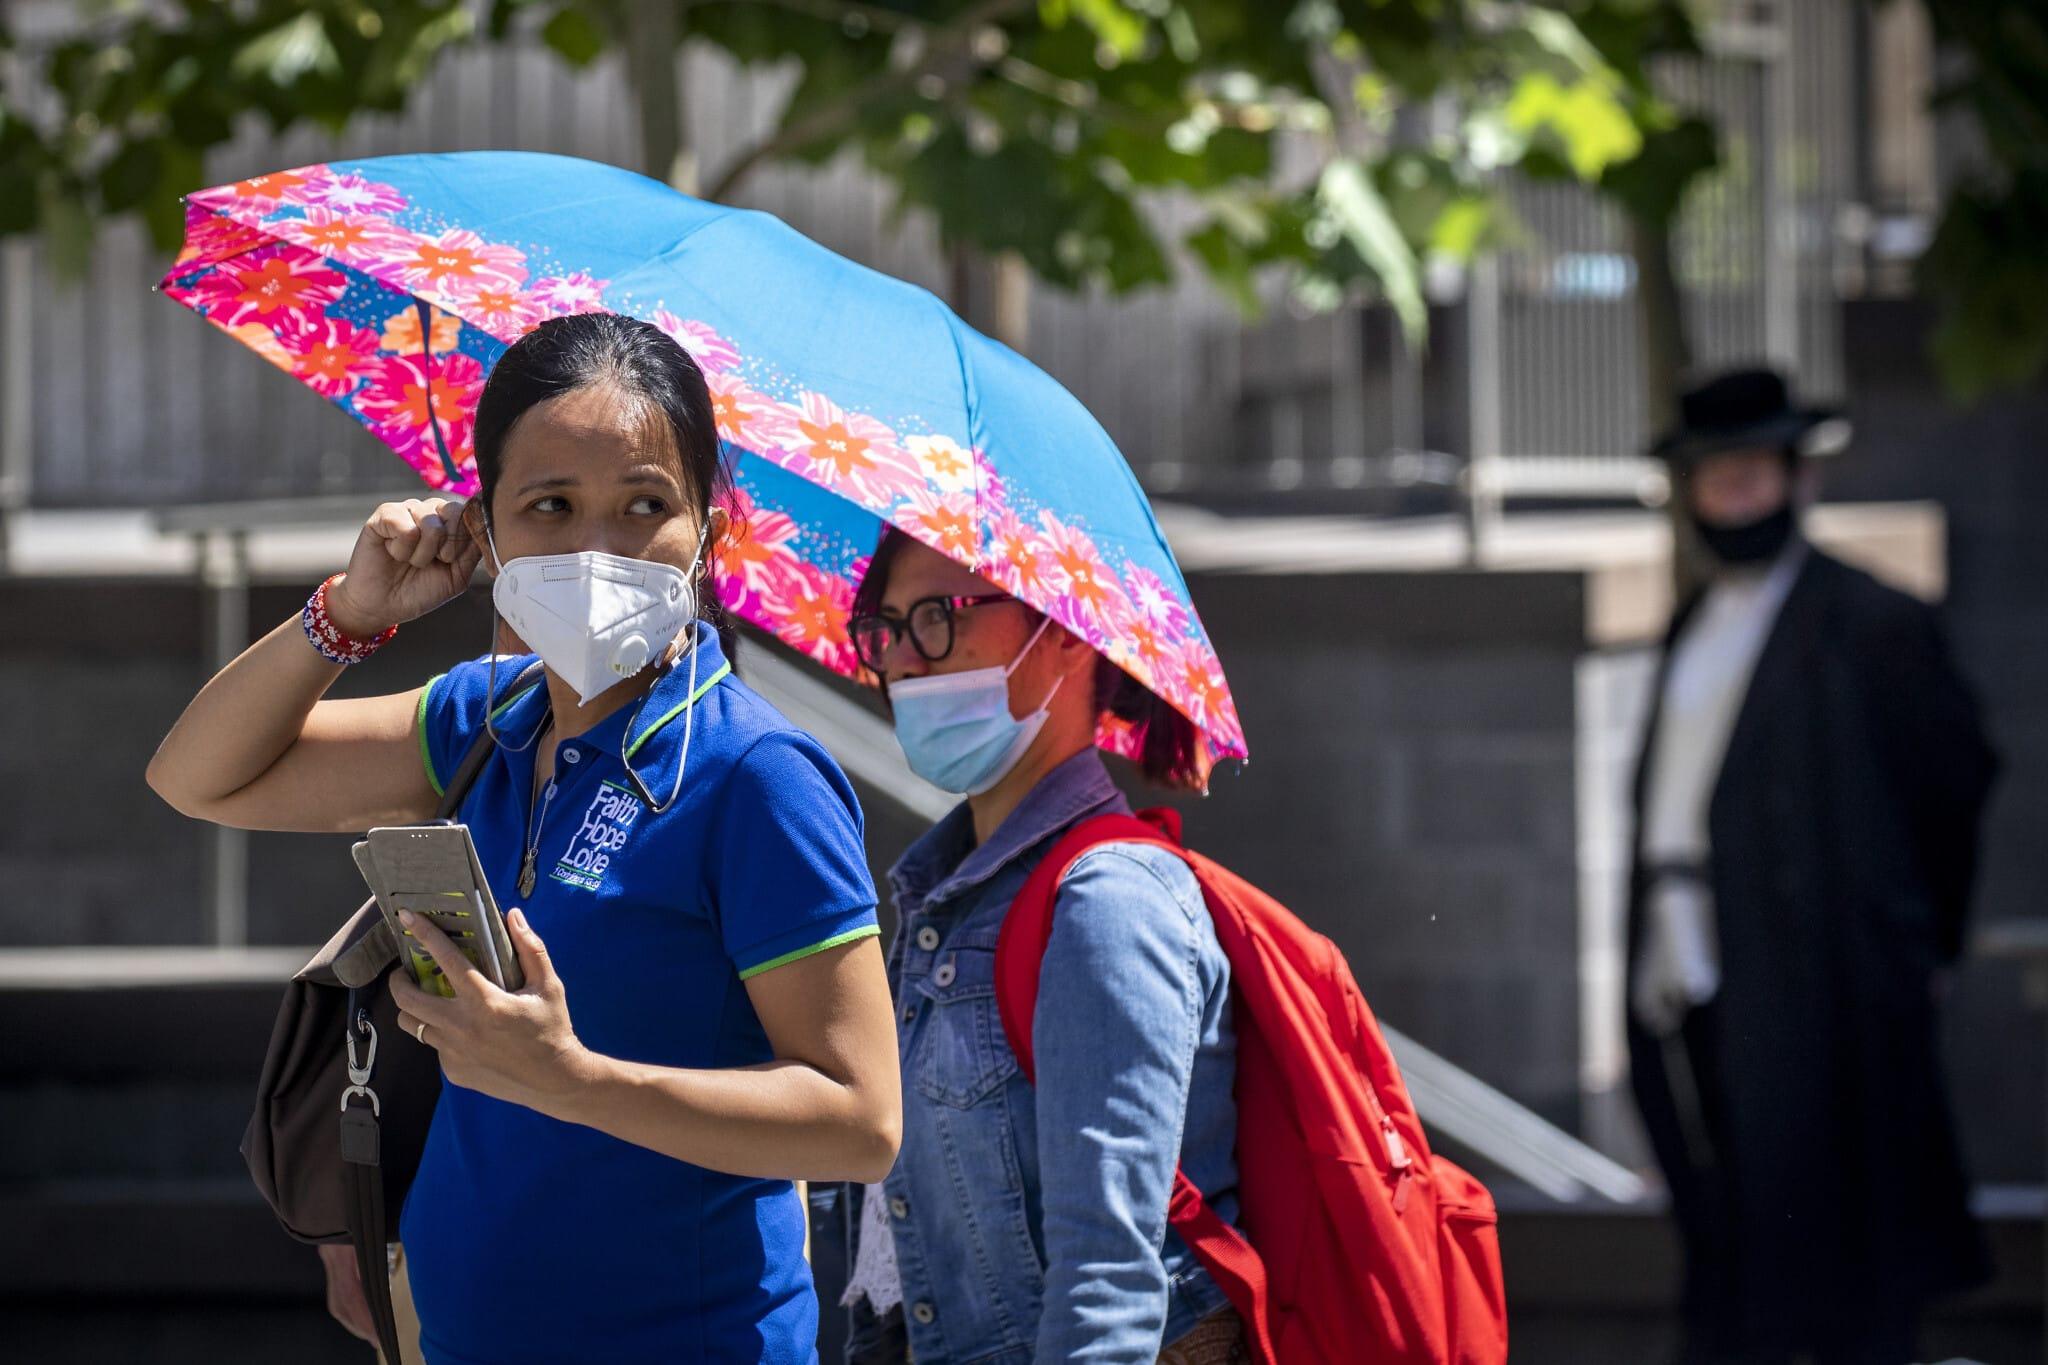 יום חם בירושלים, יולי 2020 (צילום: Olivier Fitoussi/Flash90)